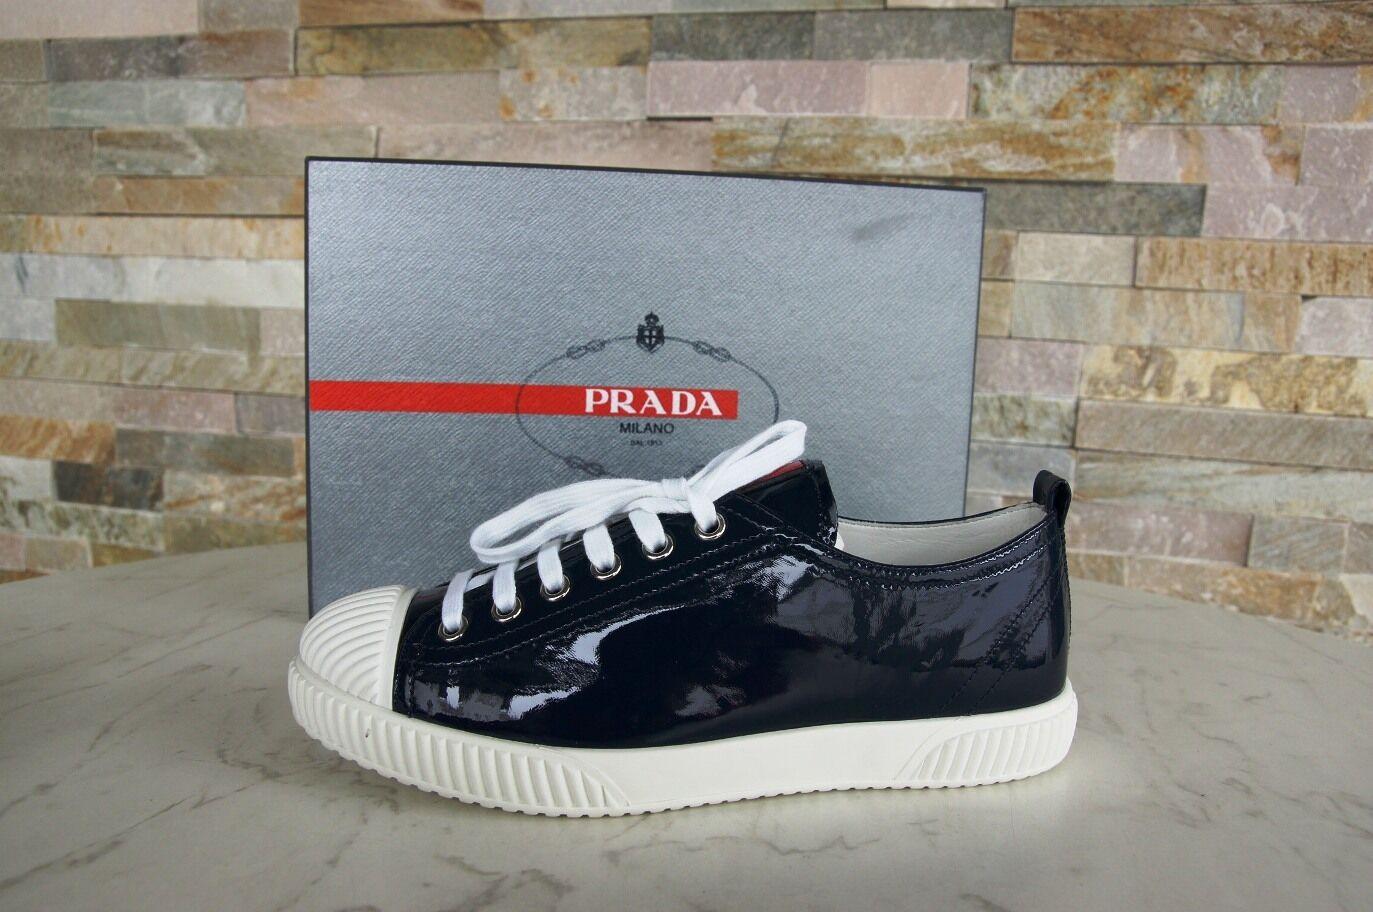 Prada talla 36 zapatillas 3e5876 charol óptica óptica óptica schnürzapatos zapatos azul nuevo ex. PVP  tienda de bajo costo